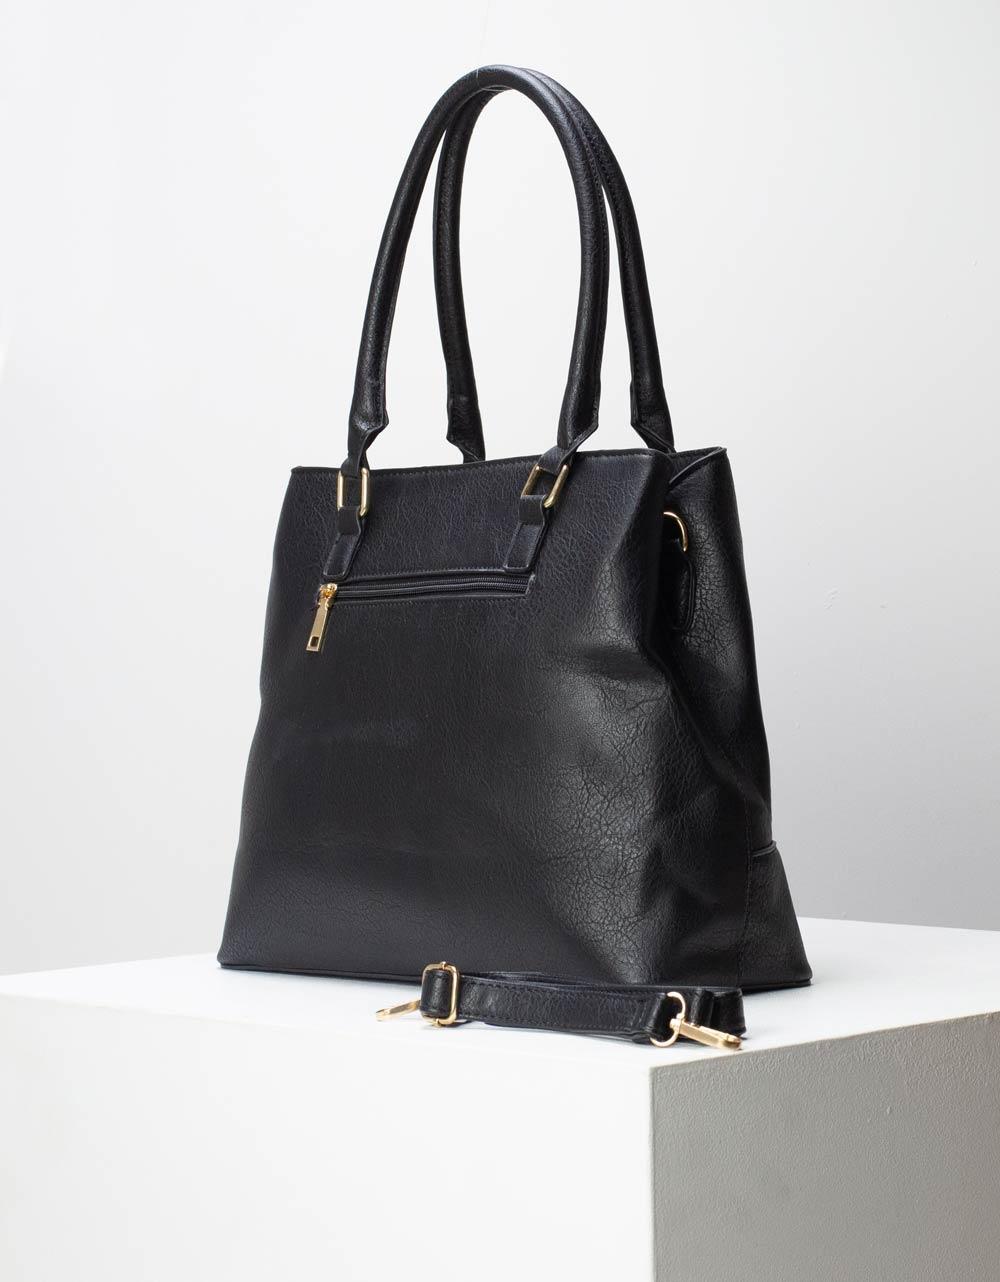 Εικόνα από Γυναικεία τσάντα χειρός μονόχρωμη με μεταλλικό διακοσμητικό Μαύρο